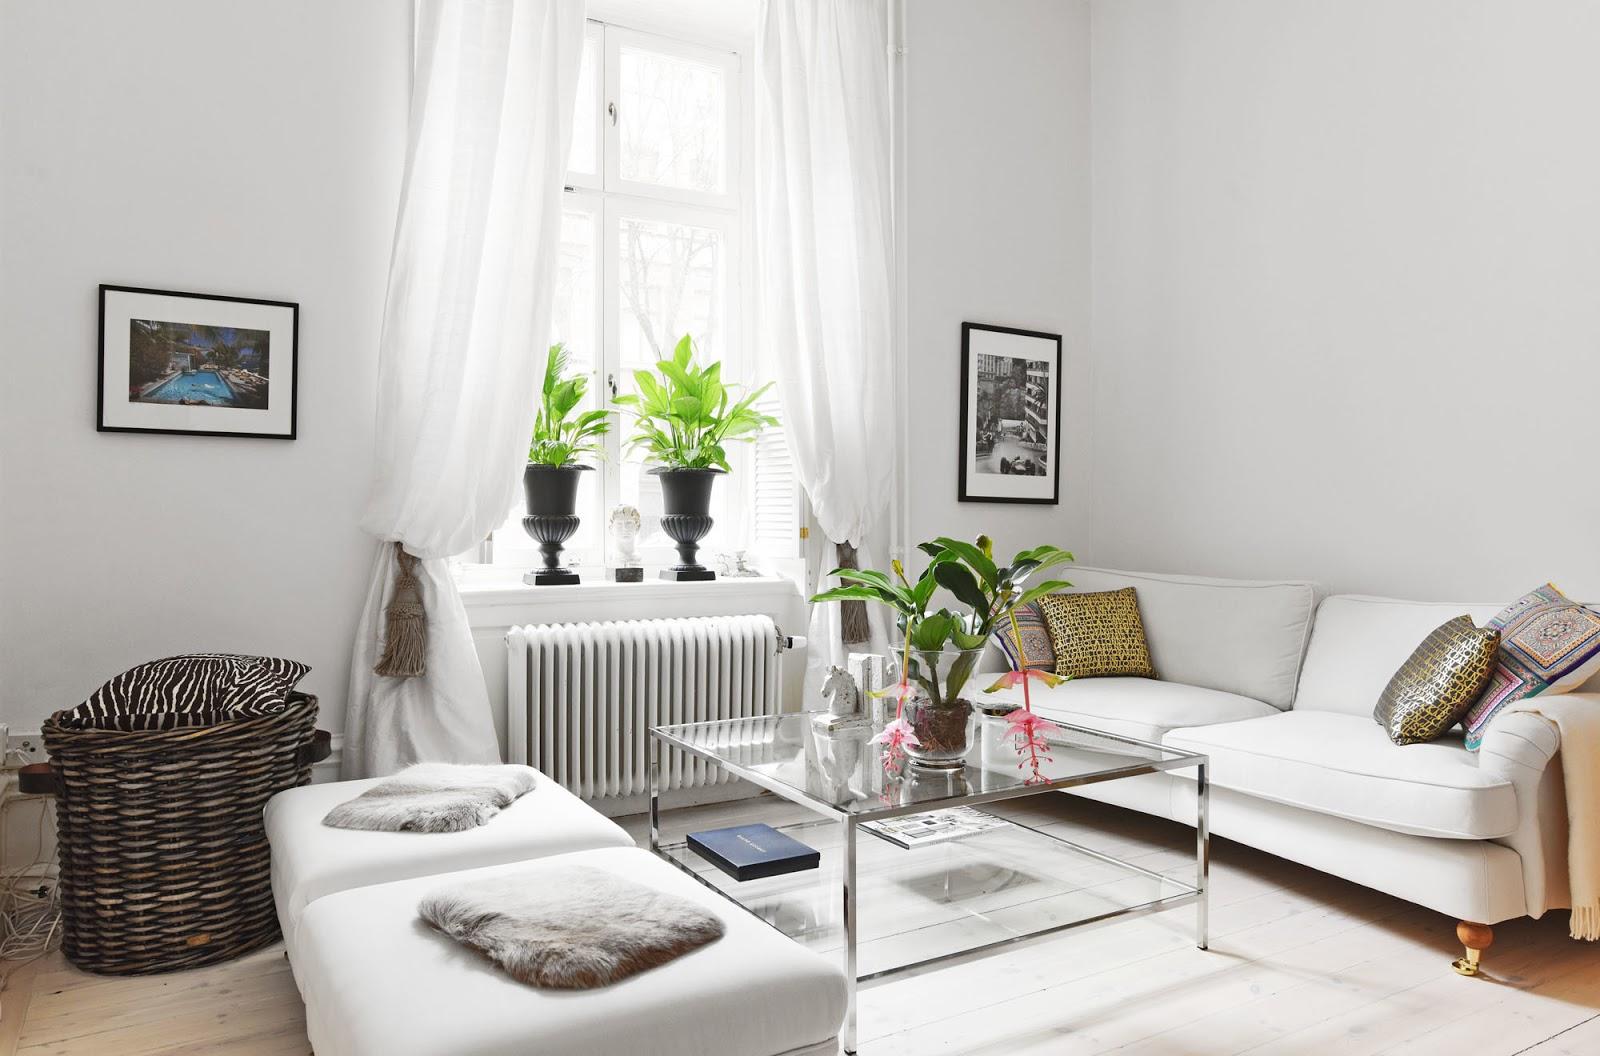 El blog de demarques muebles nordicos el estilo llegado del frio - Muebles nordicos ...